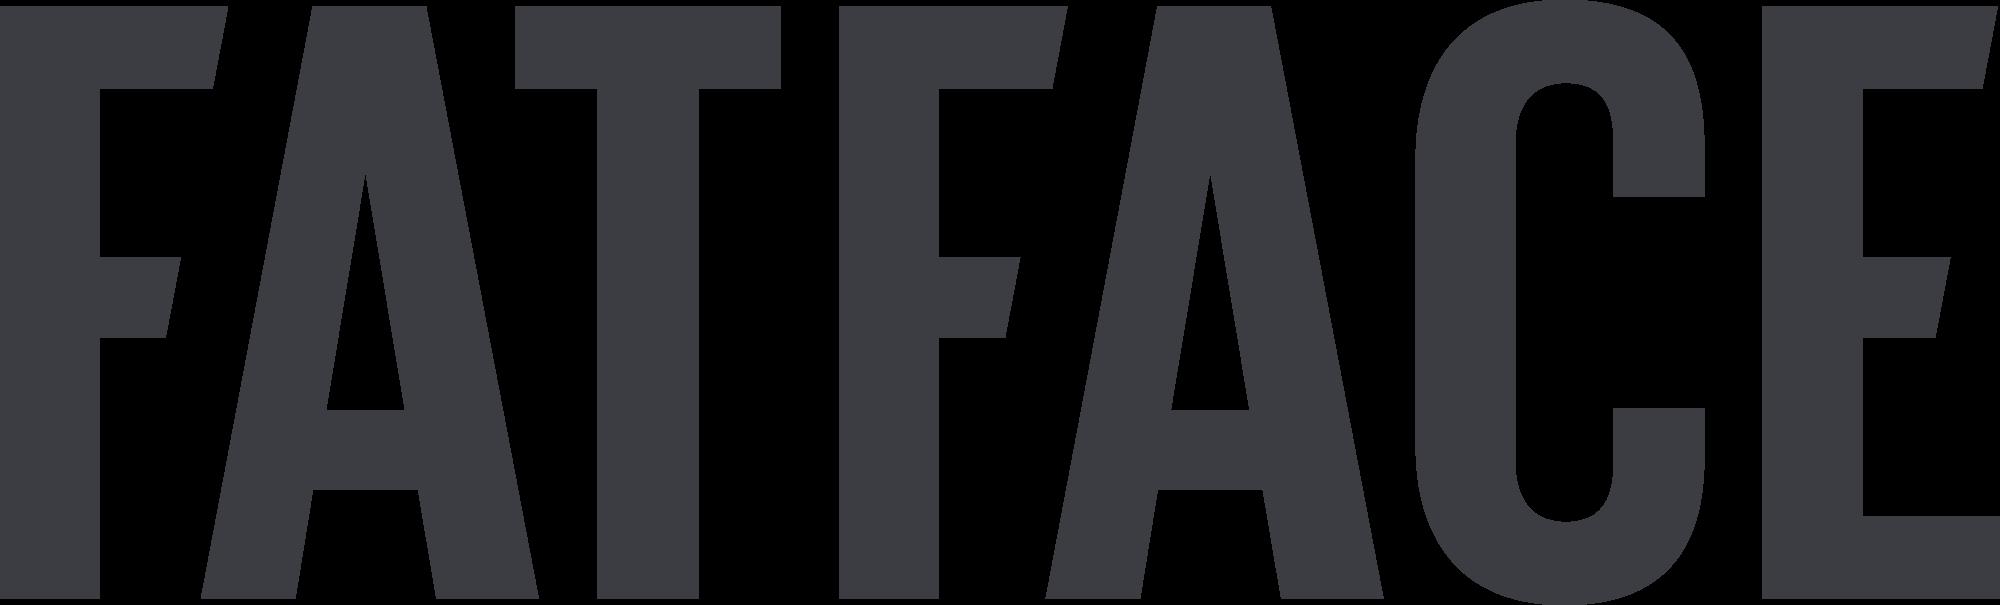 FatFace transparent logo